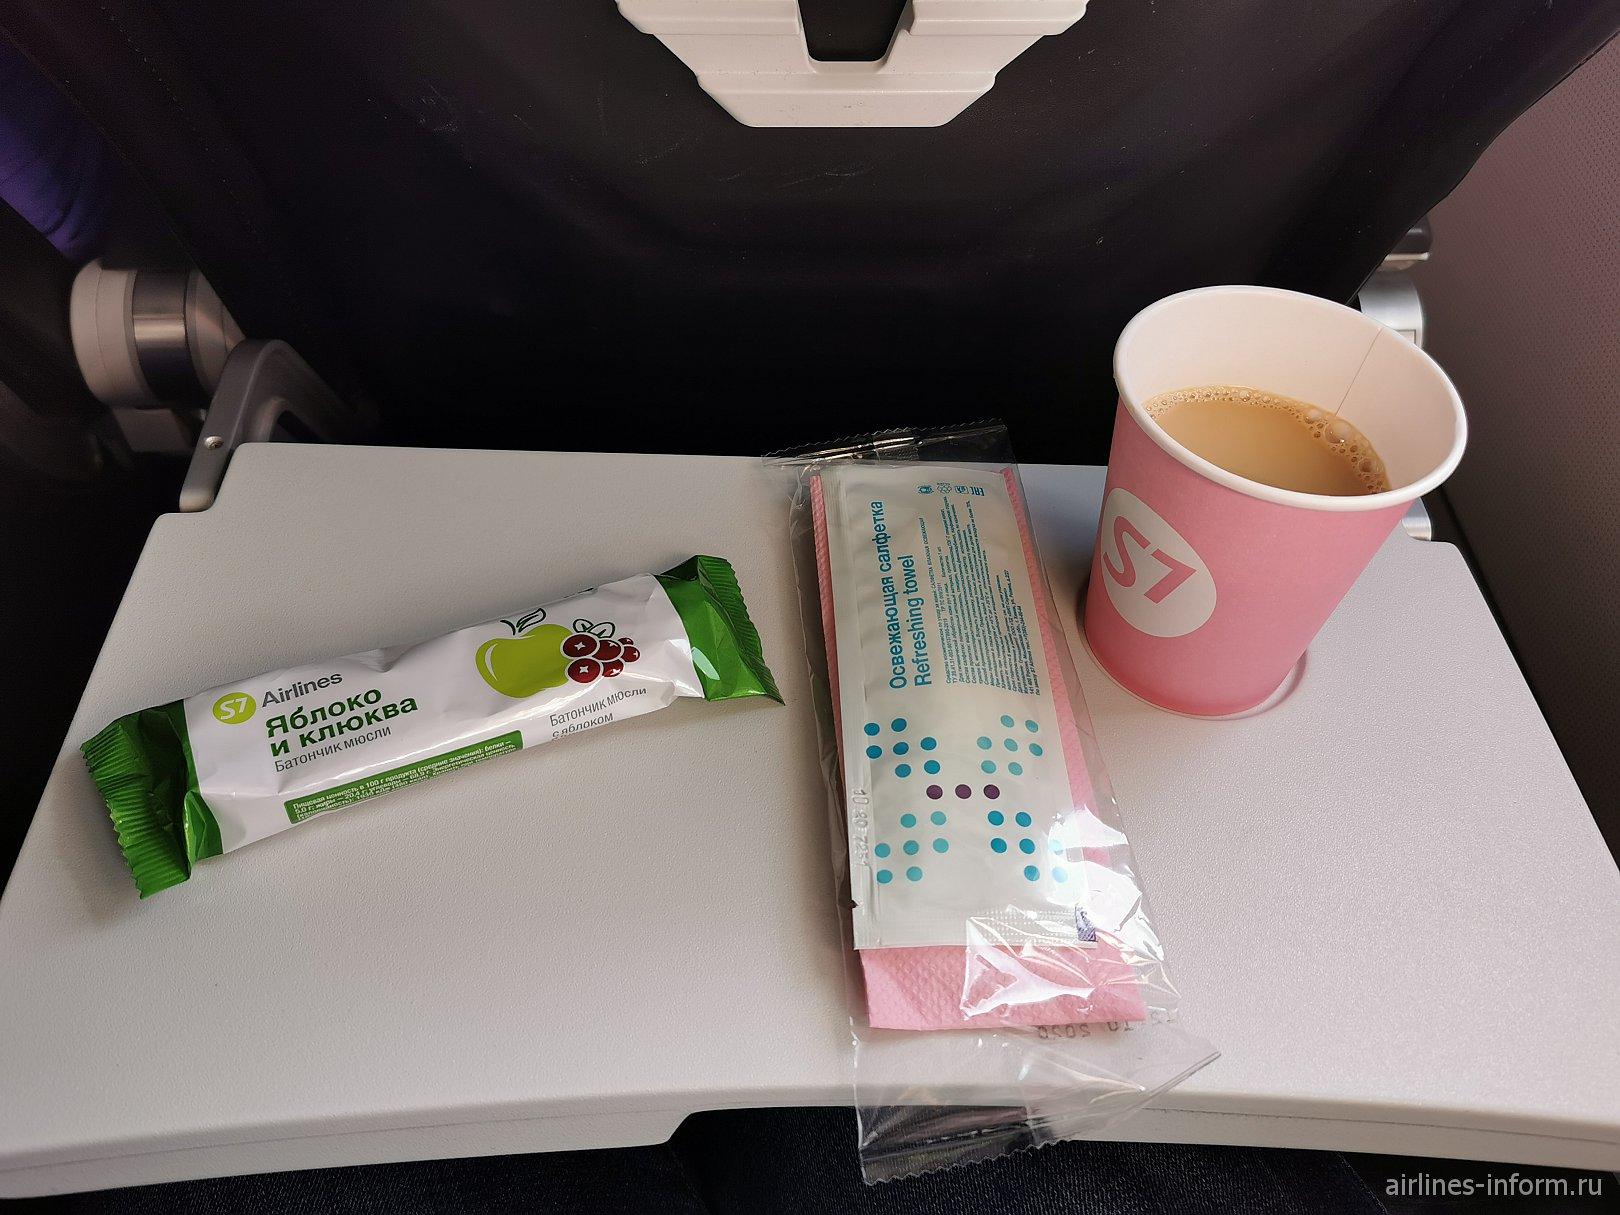 Бортовое питание на рейсе Москва-Симферополь авиакомпании S7 Airlines